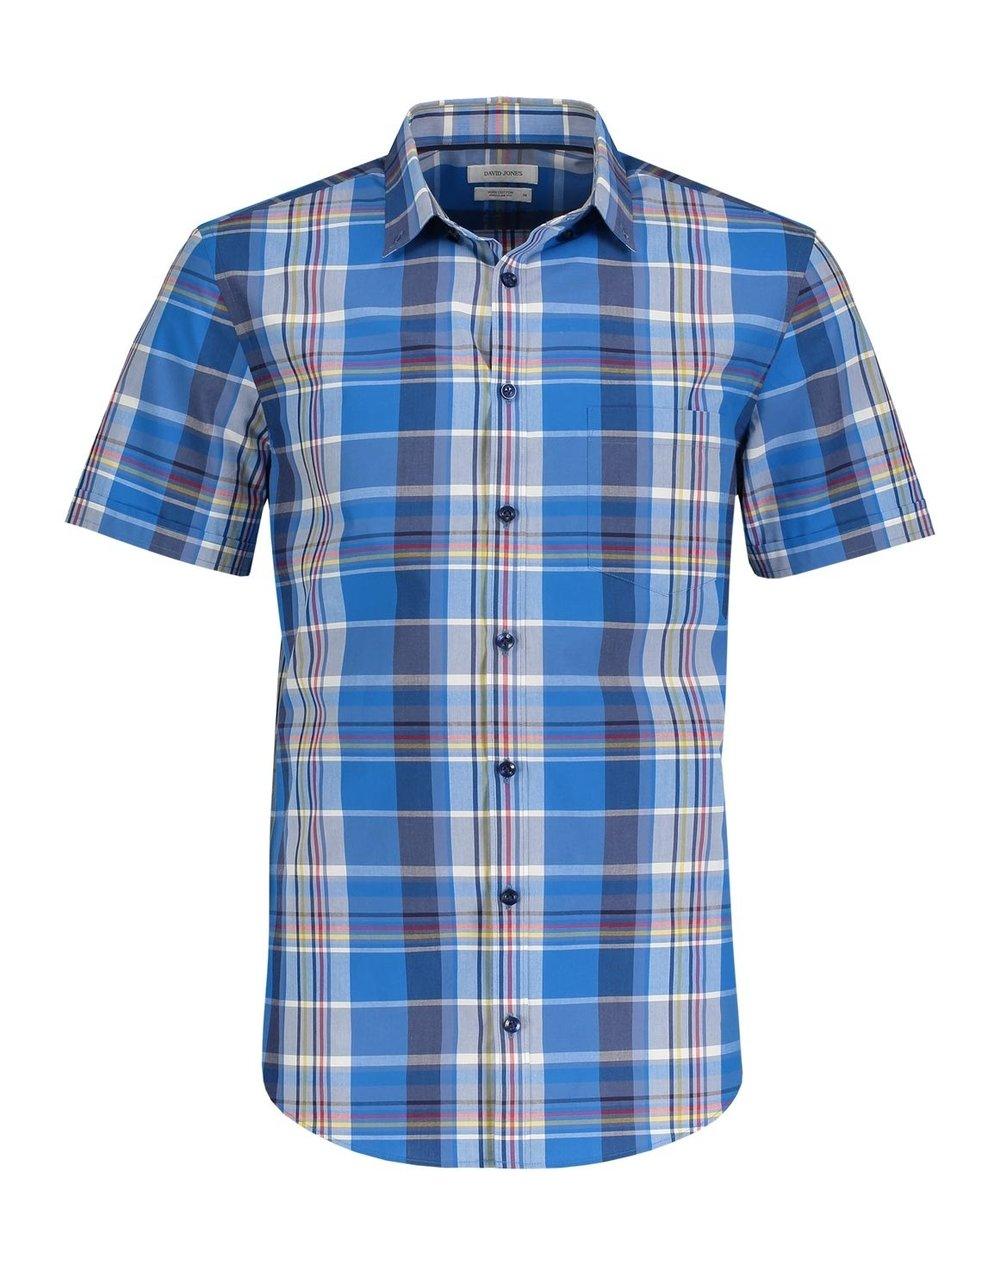 Blue-Check-Cotton-Shirt-6009207544267.jpg